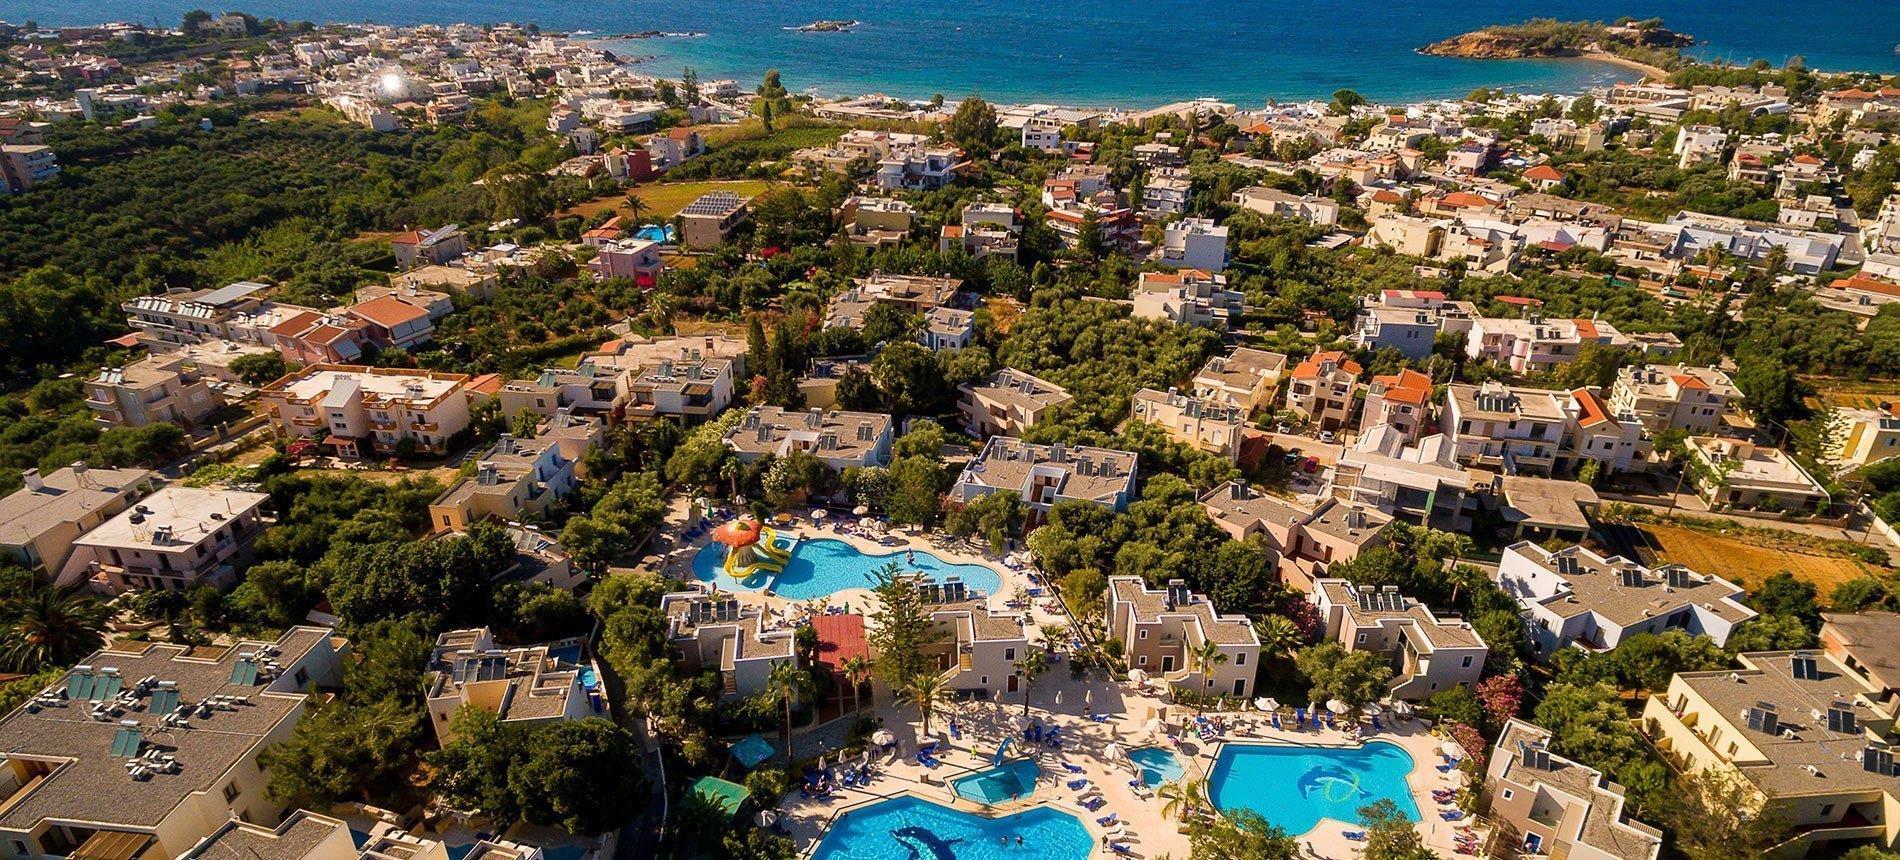 sirios-village-luxury-hotel-bungalows-genel-002